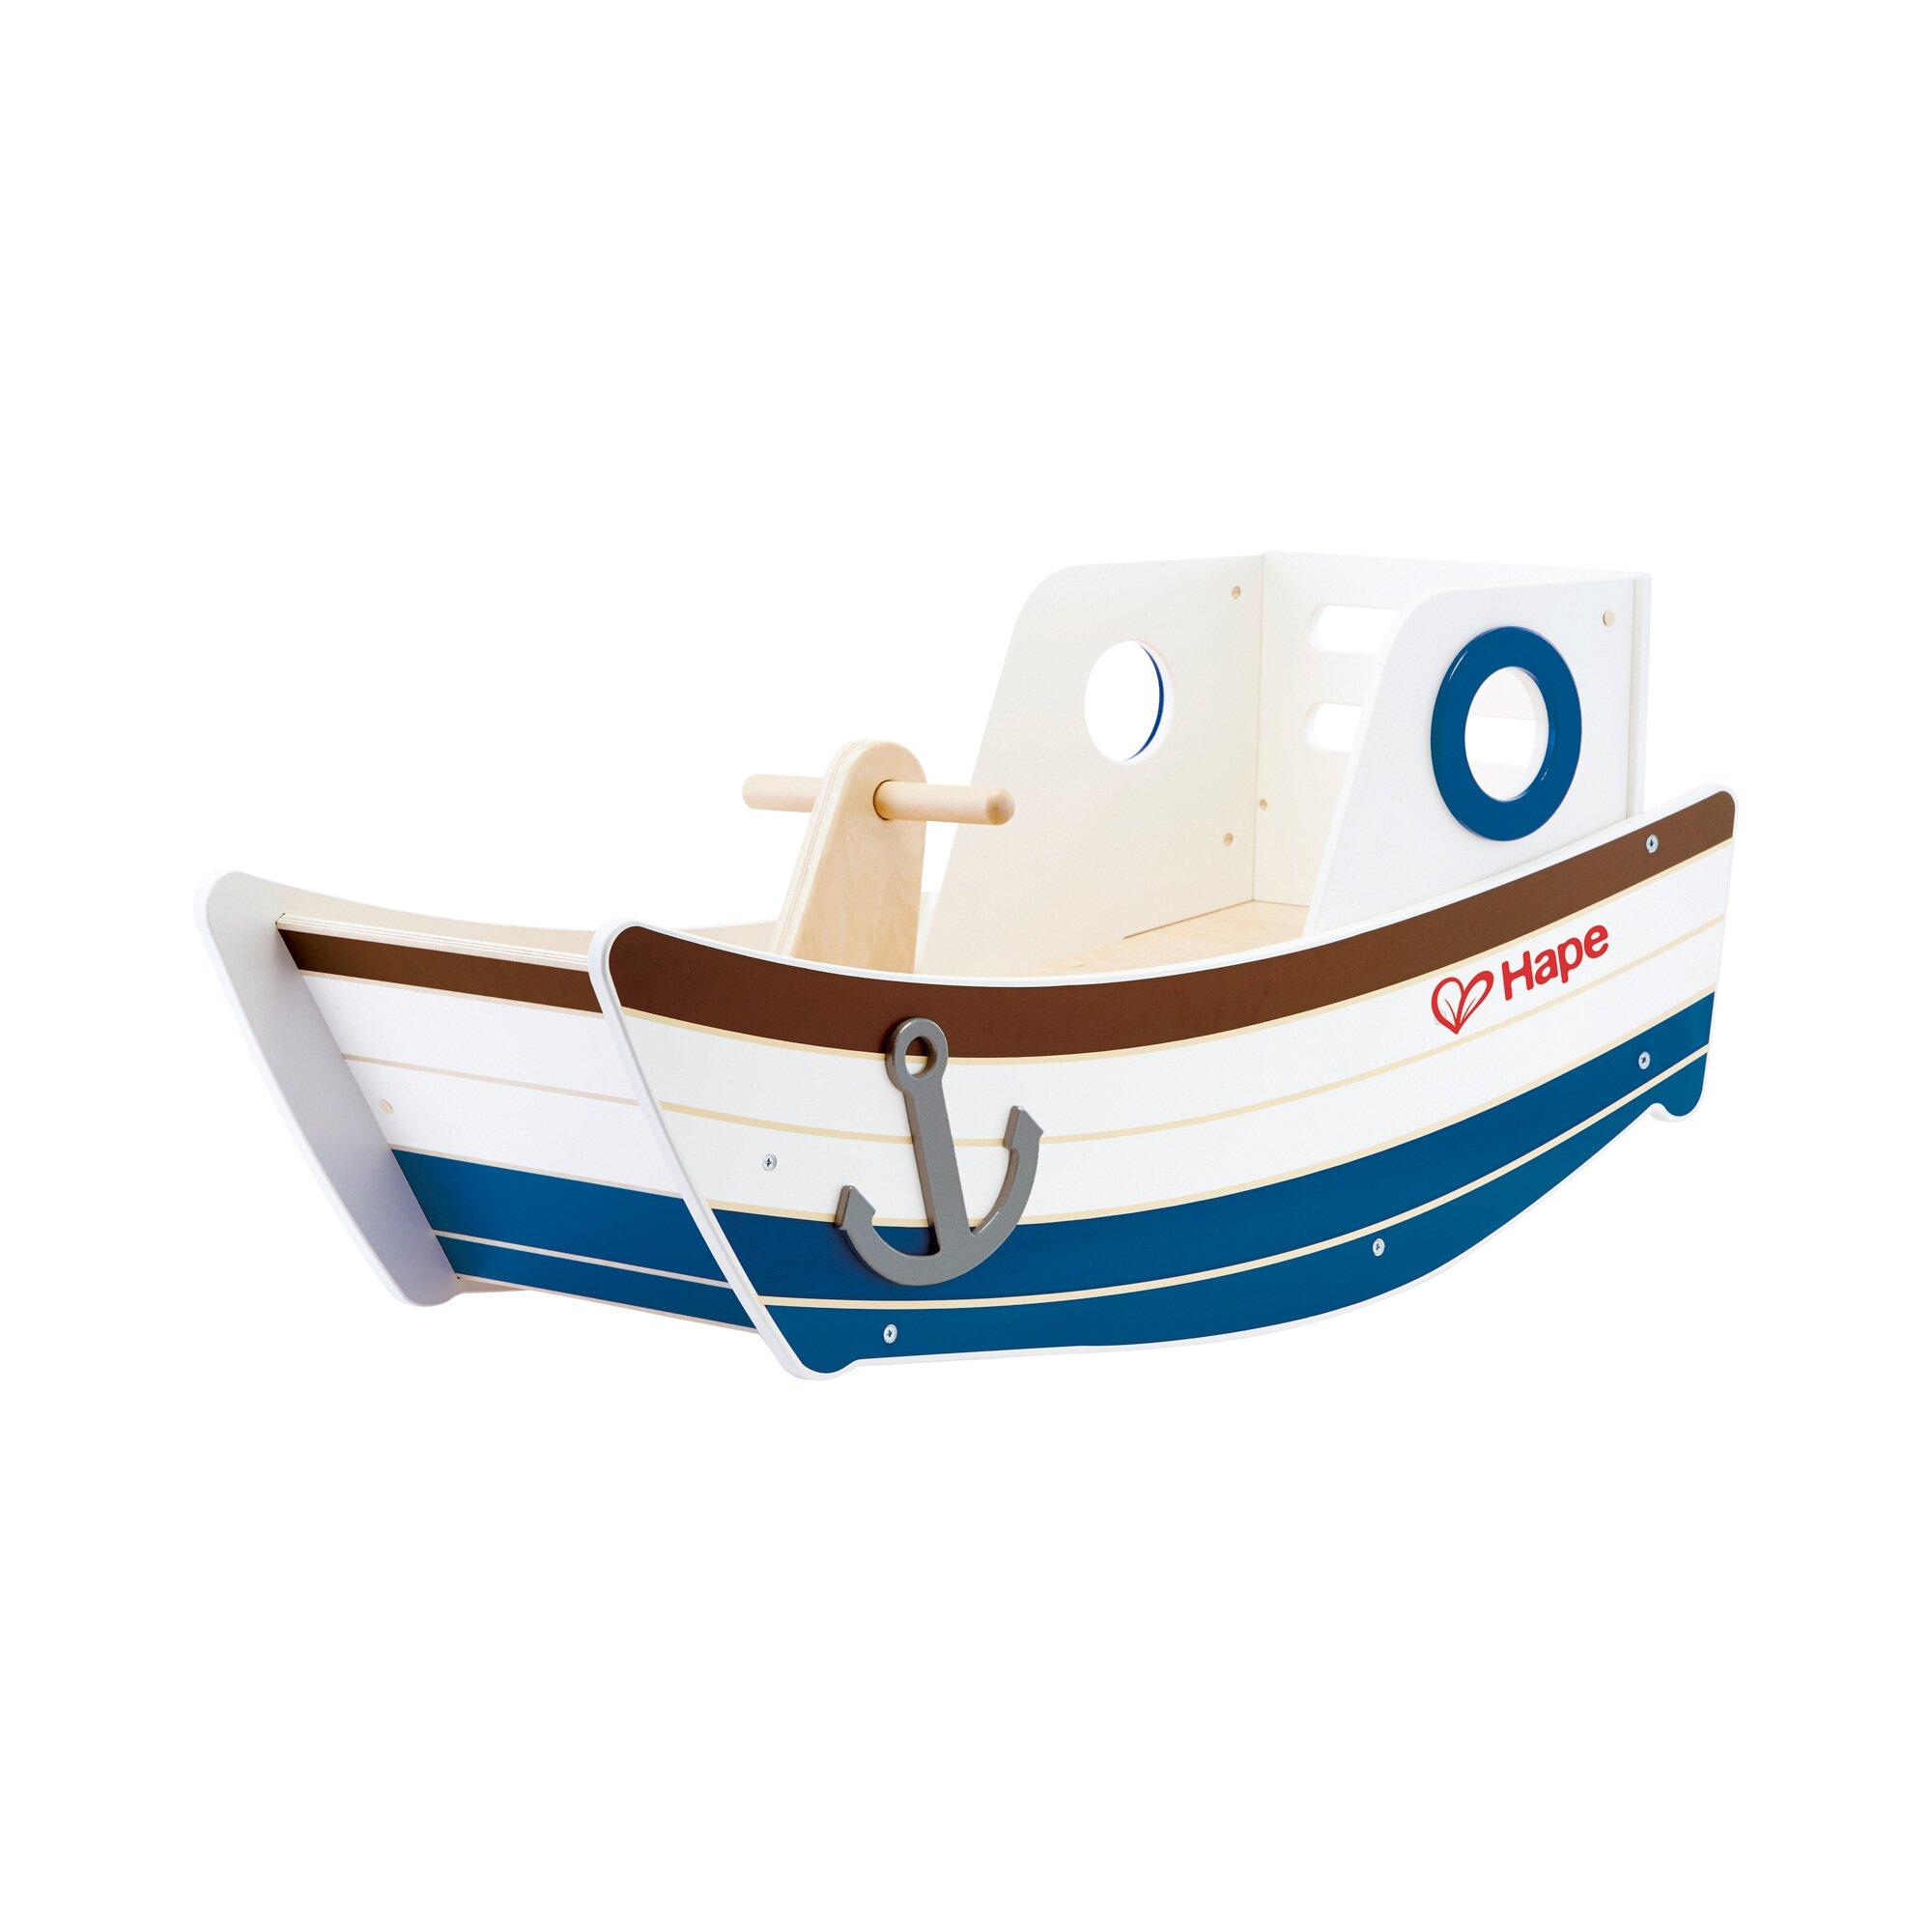 Hape Schaukelboot Wellenschaukler